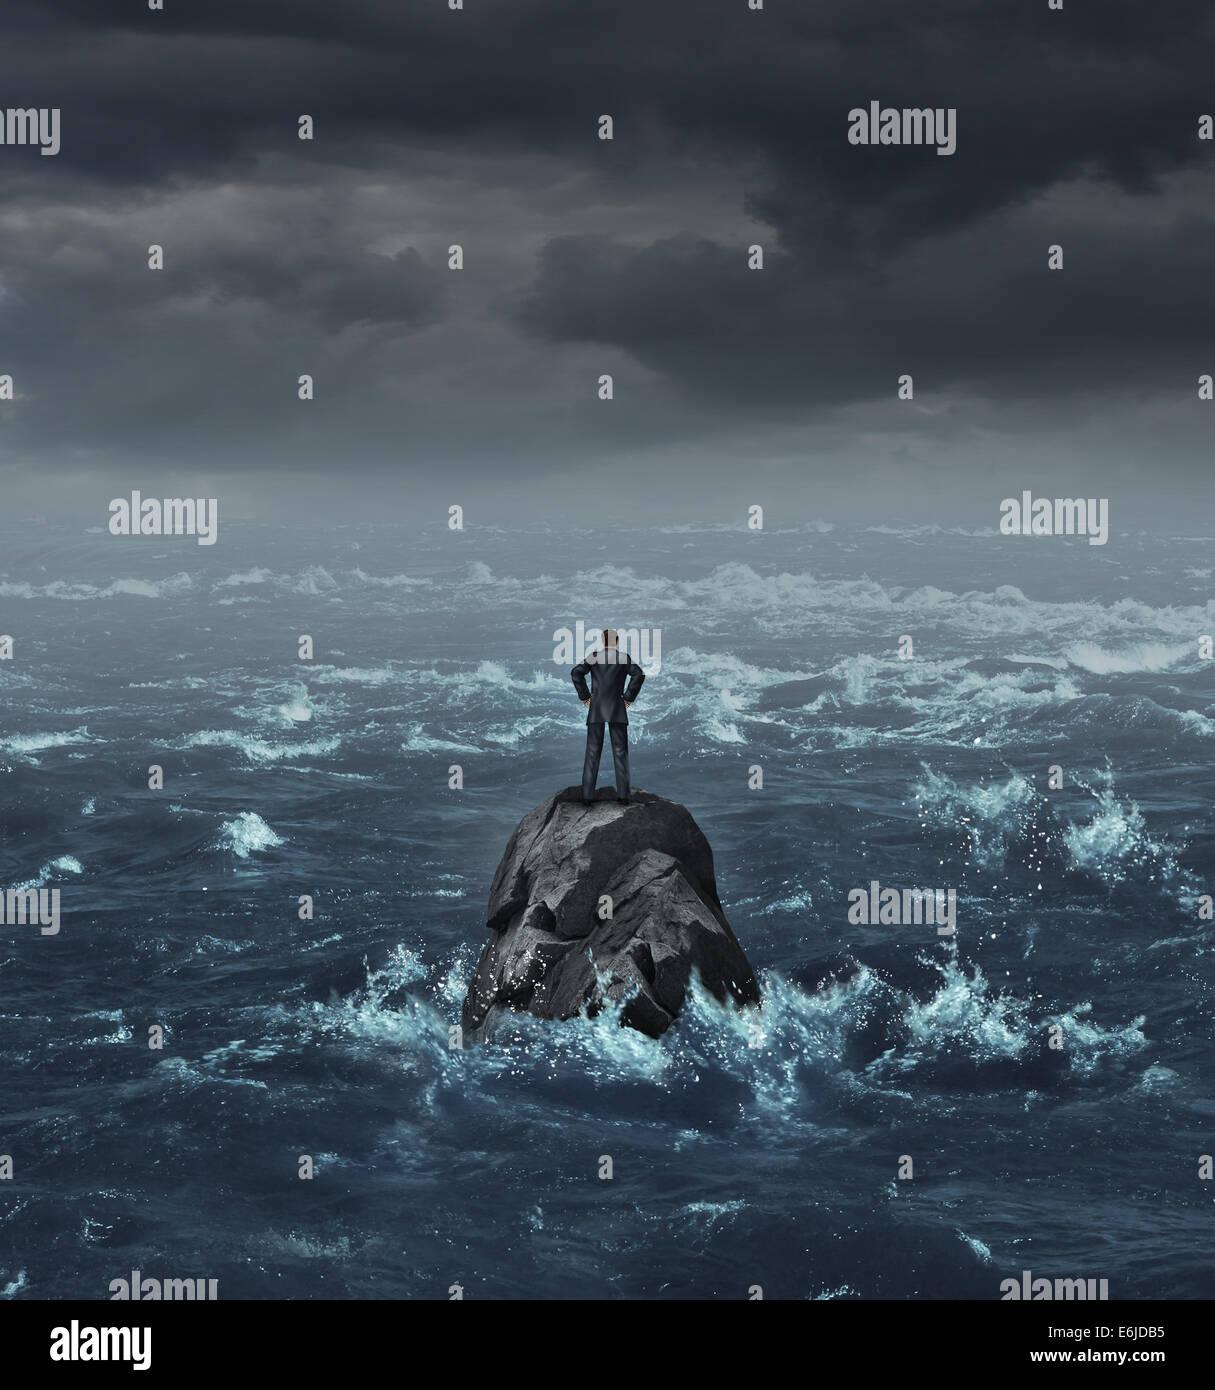 Gestrandete Geschäftsmann verloren auf See stehen auf einem isolierten Felsen als ein Geschäftskonzept Stockbild